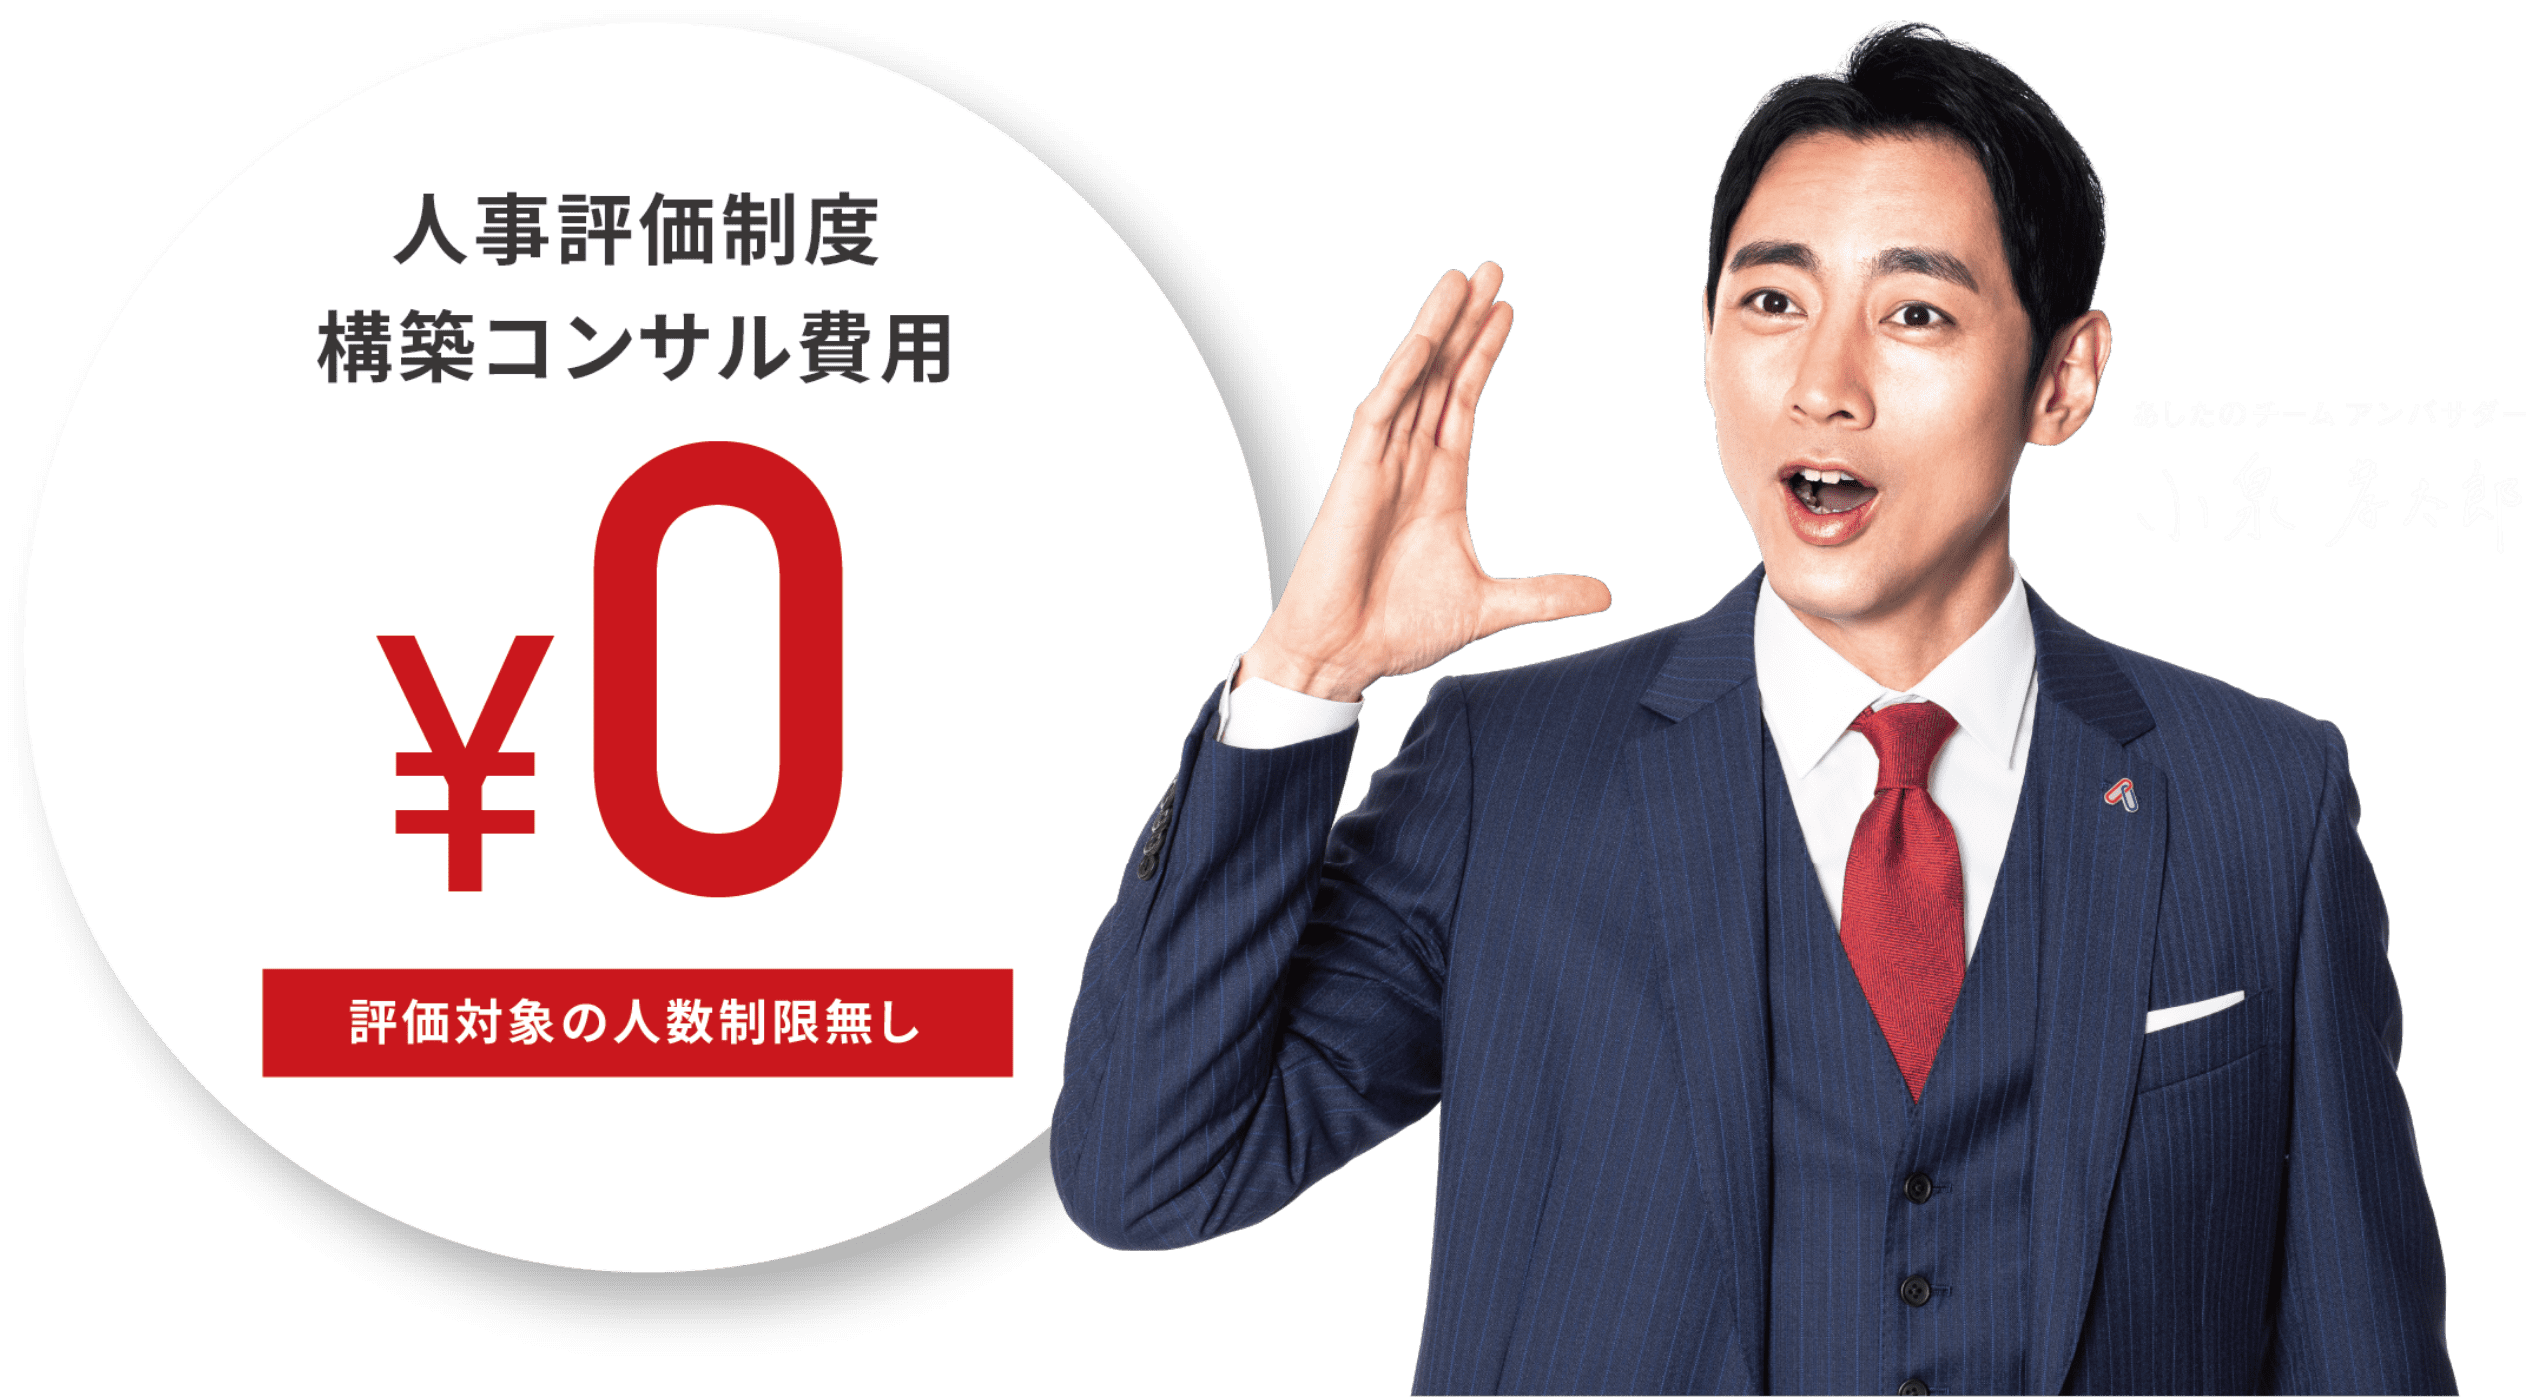 人事評制度構築コンサル費用¥0評価対象の人数制限無し